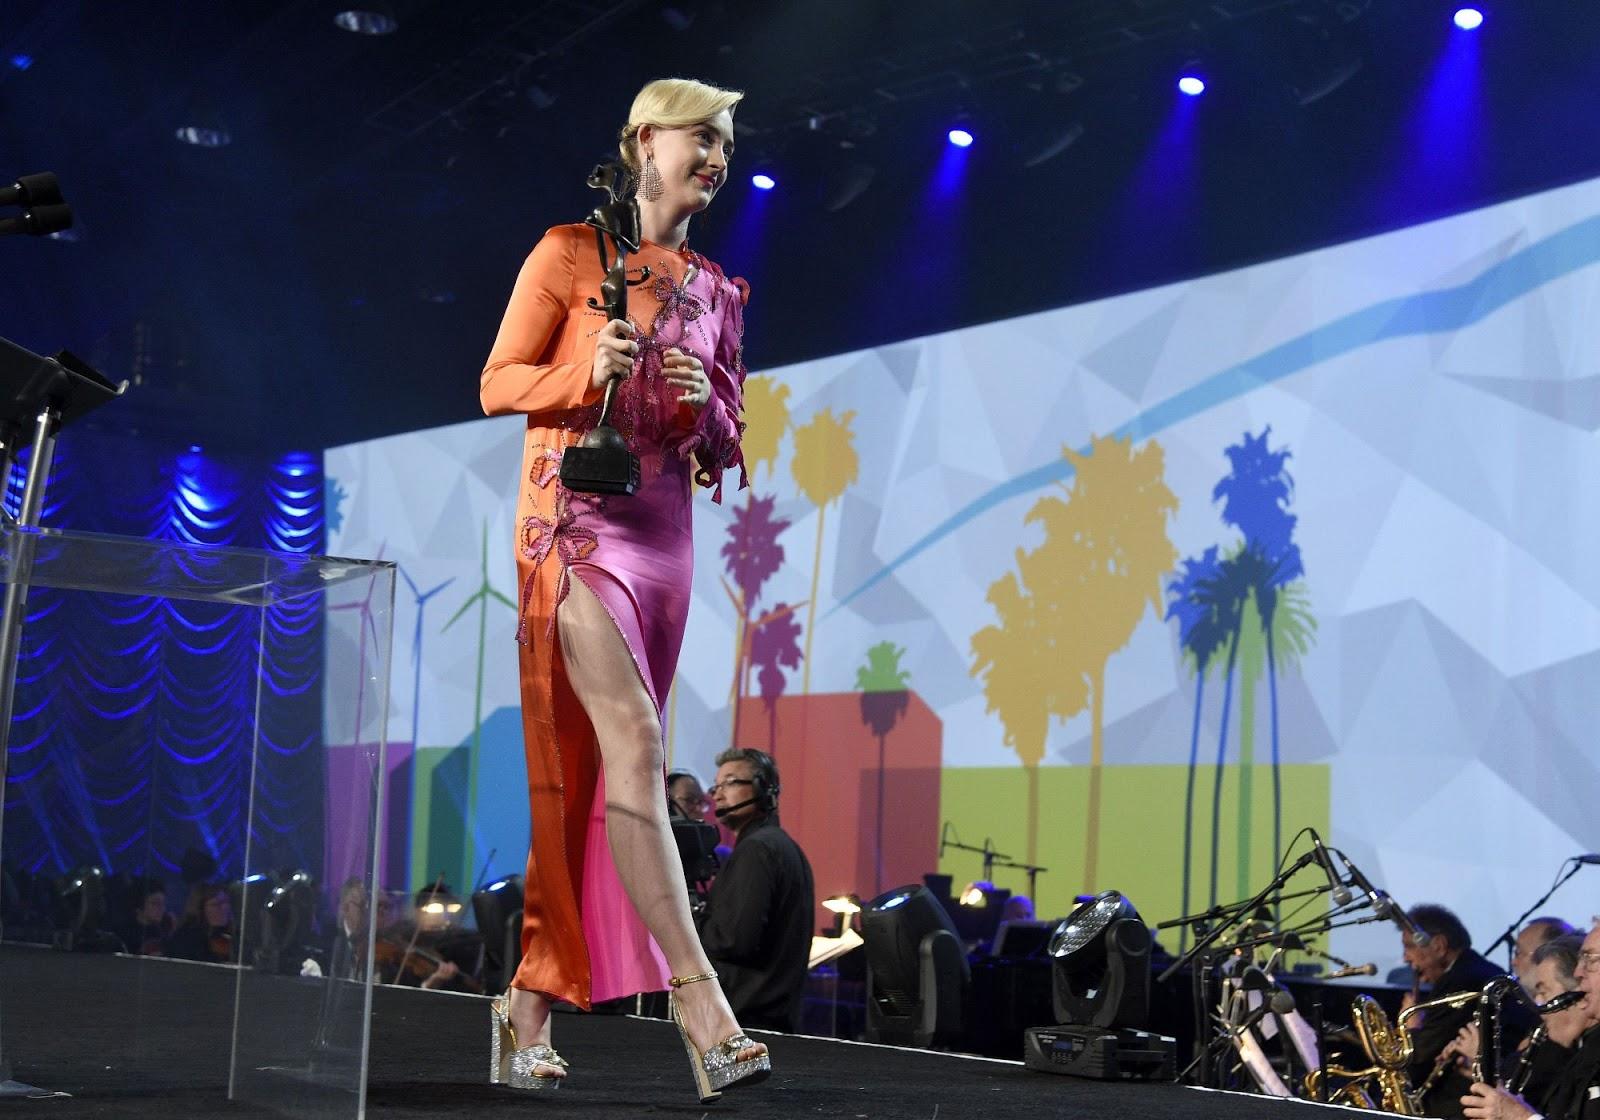 Saoirse Ronan at 29th Annual Palm Springs